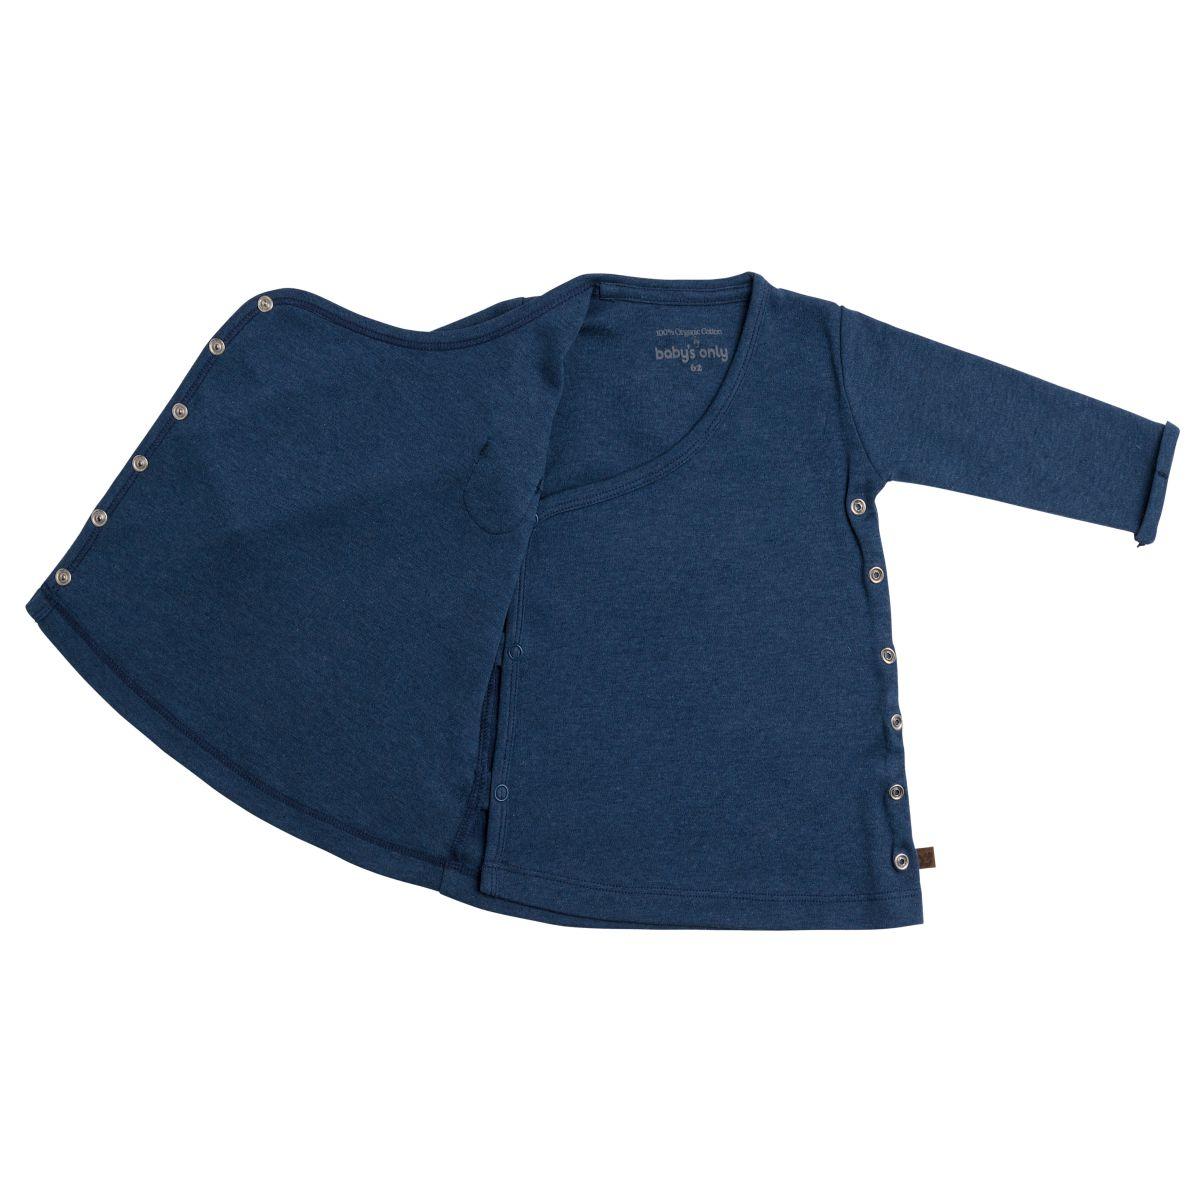 babys only 3506828 jurkje melange 68 jeans 2